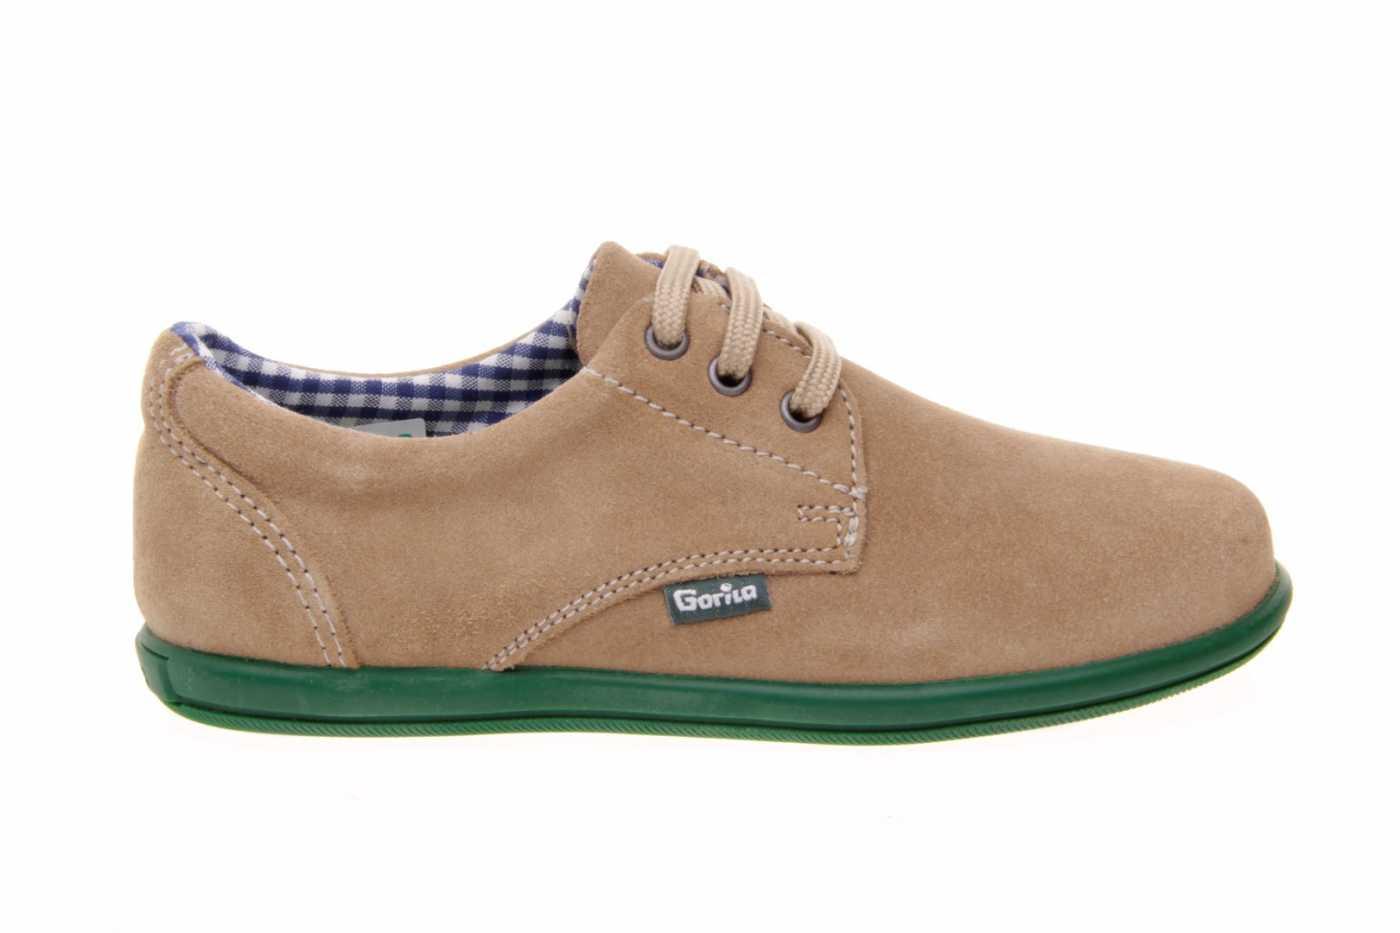 0a4f49c5e Comprar zapato tipo JOVEN NIÑO estilo BLUCHER COLOR CAMEL SERRAJE ...